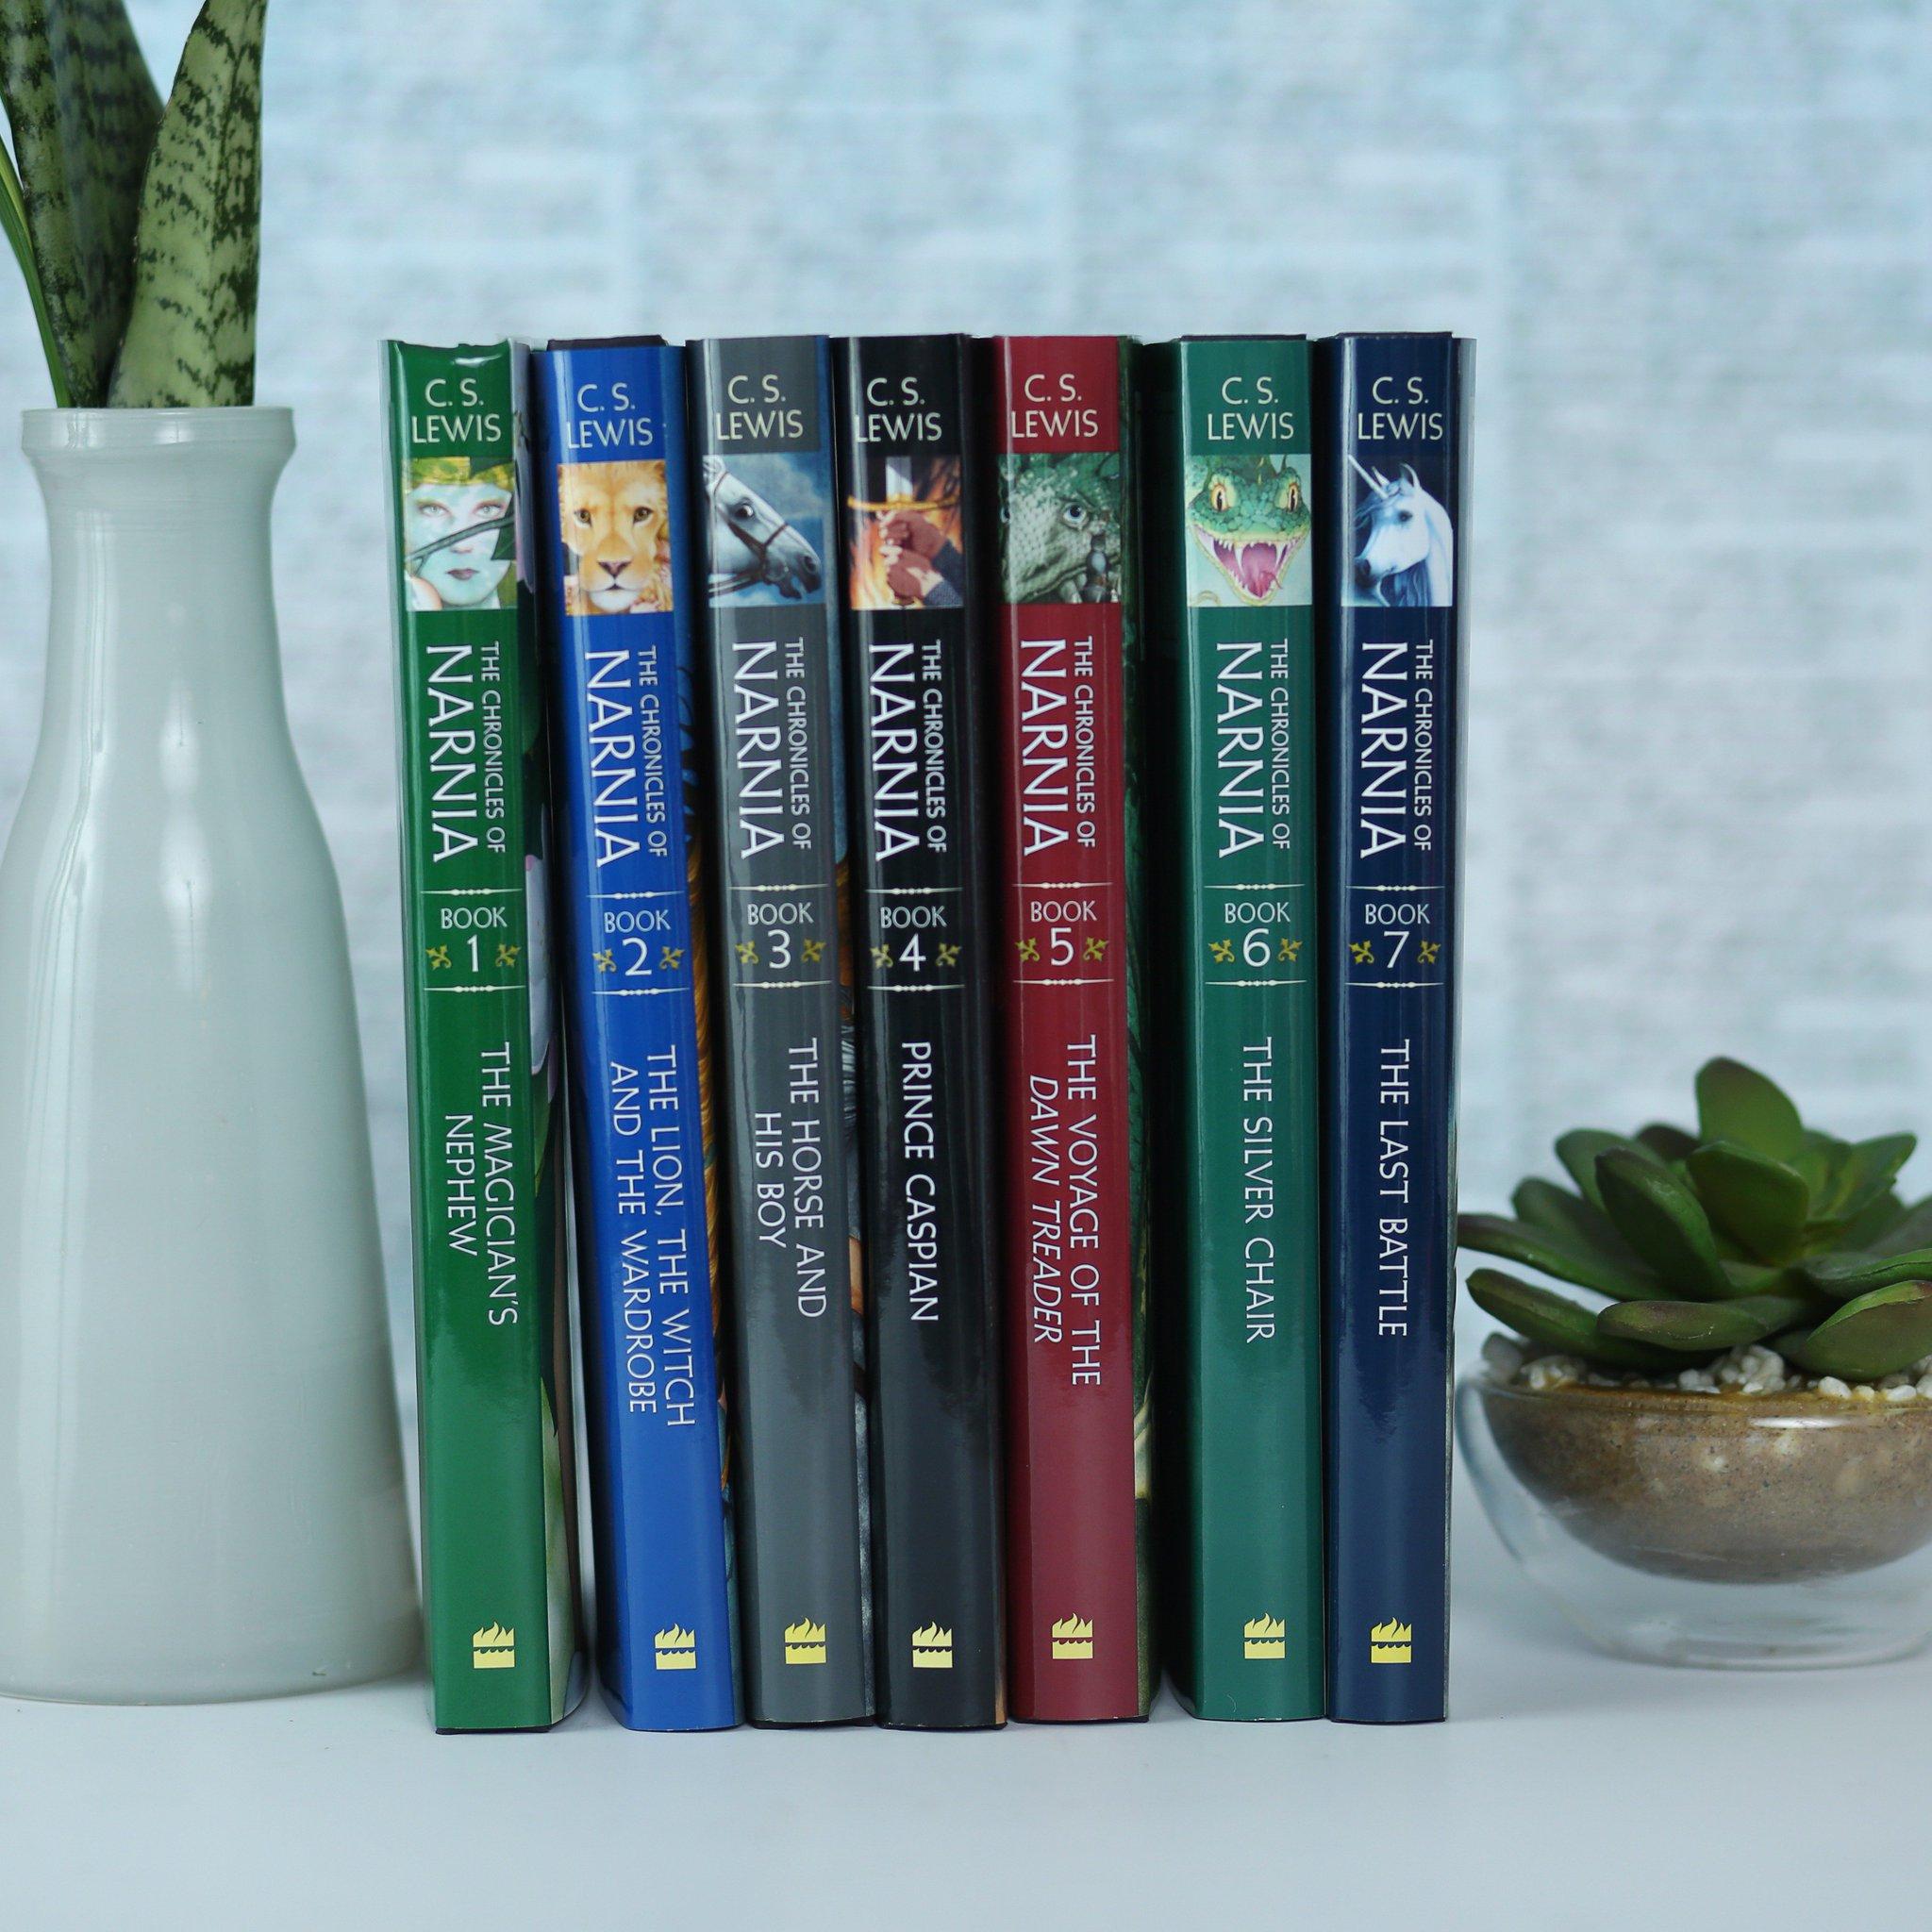 Conoce más sobre la saga de libros 'Las crónicas de Narnia'